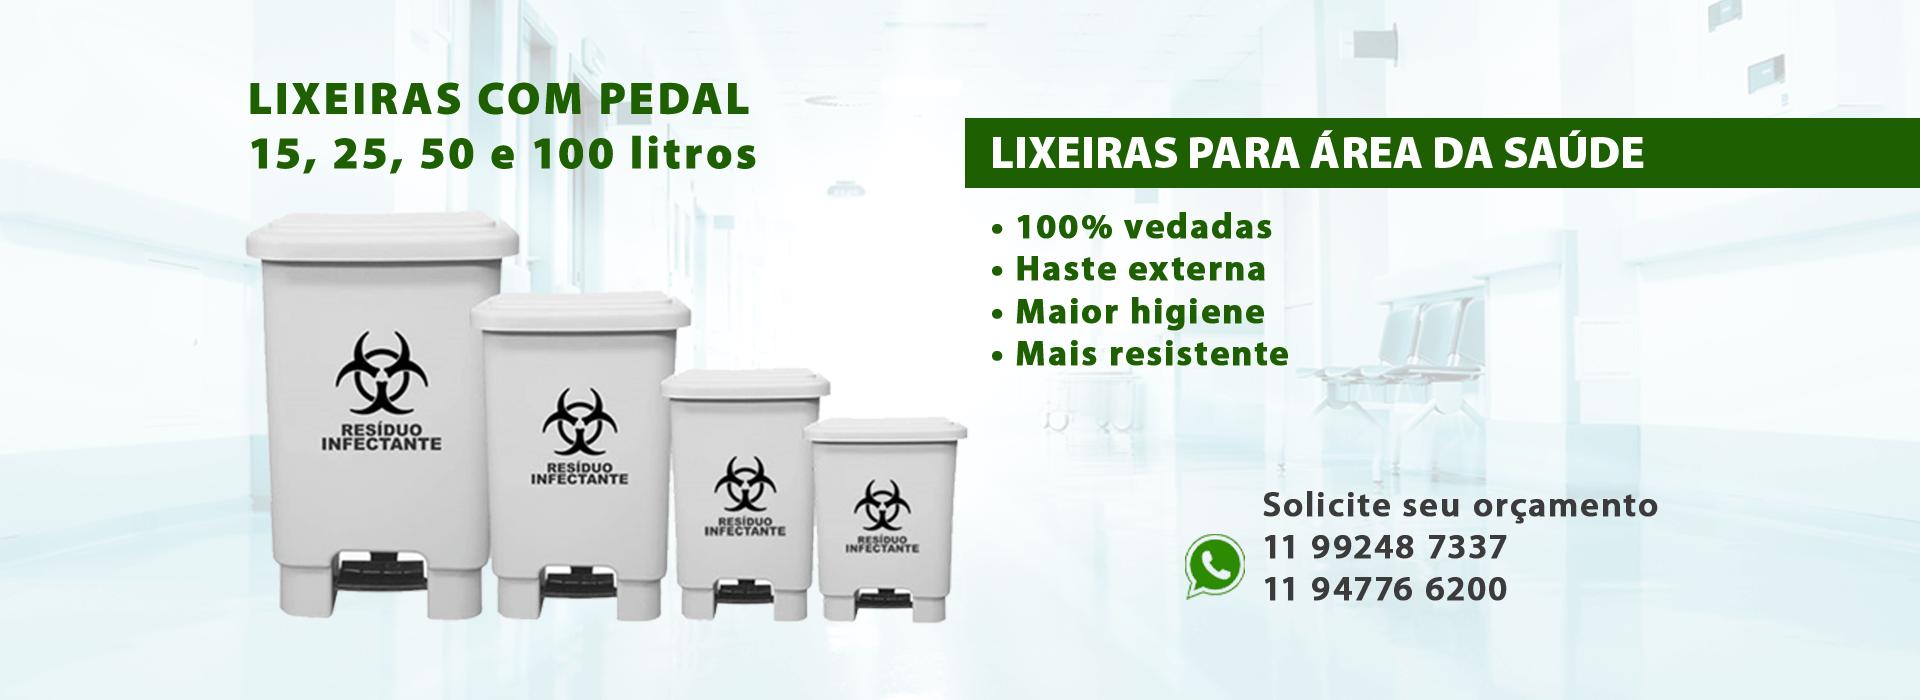 Lixeiras Hospitalares - 25, 50, 75 e 100 litros